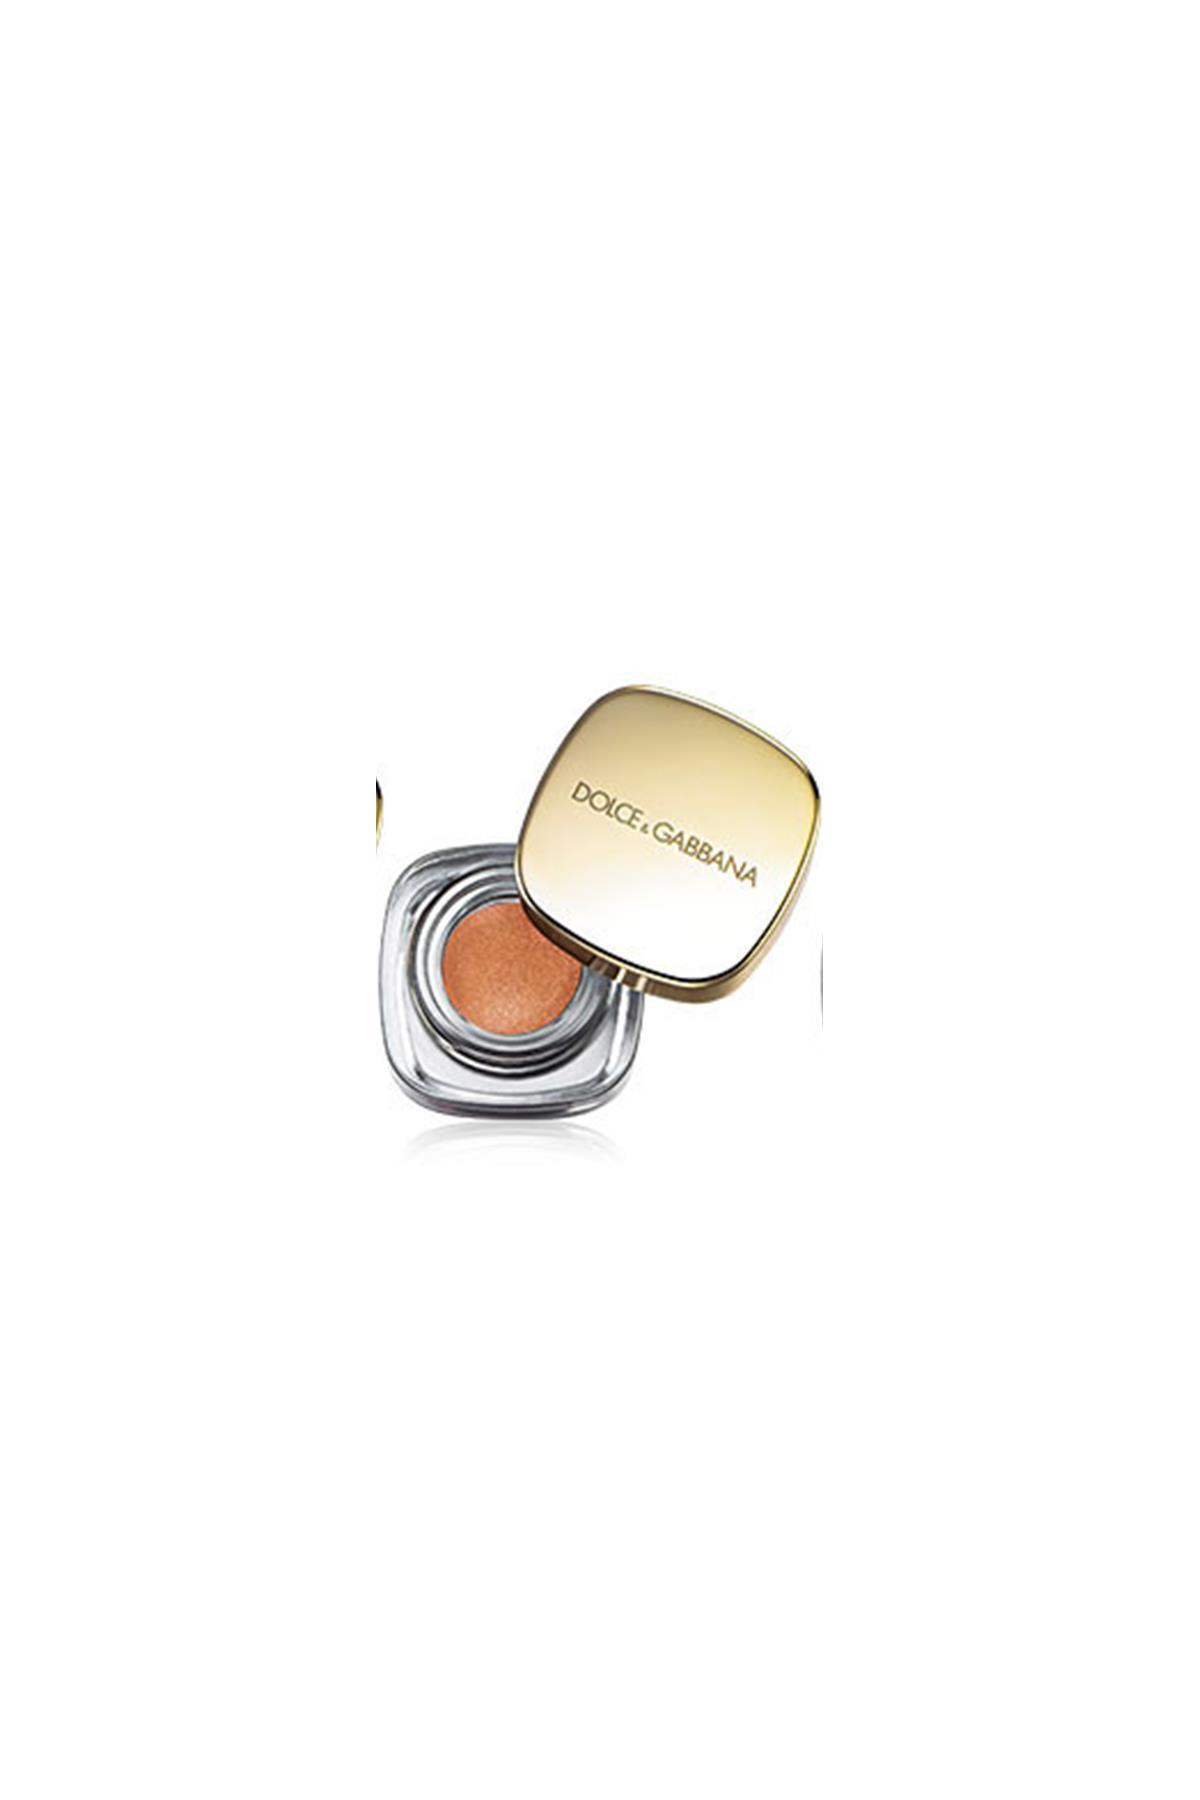 Dolce Gabbana Perfect Mono Cream 41 Copper Göz Farı